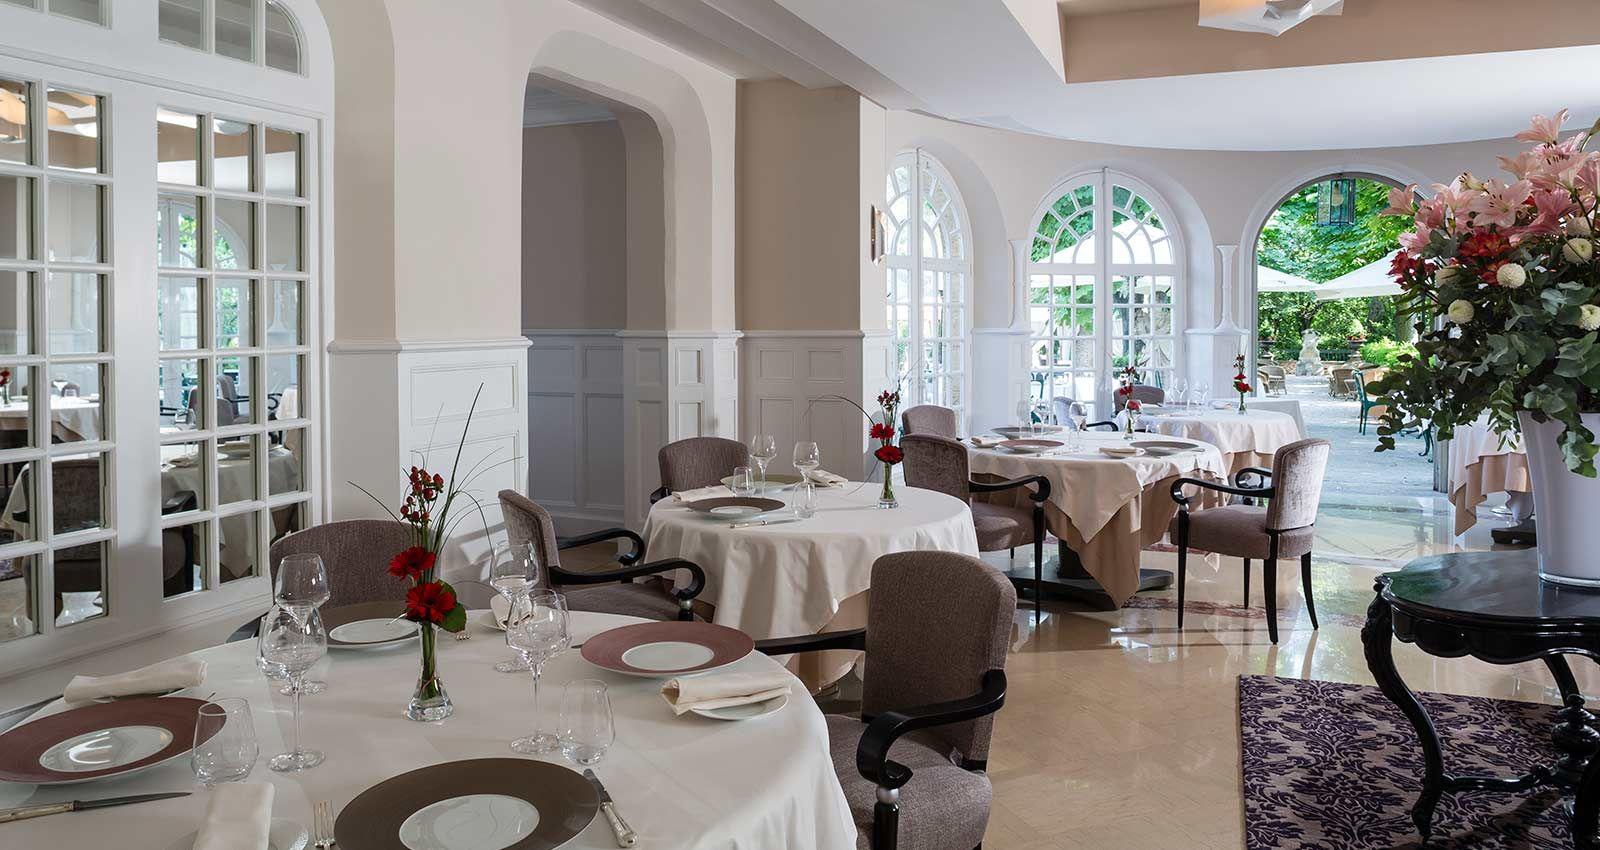 Restaurant Gastronomique à Aix En Provence | Hotel Le Pigonnet